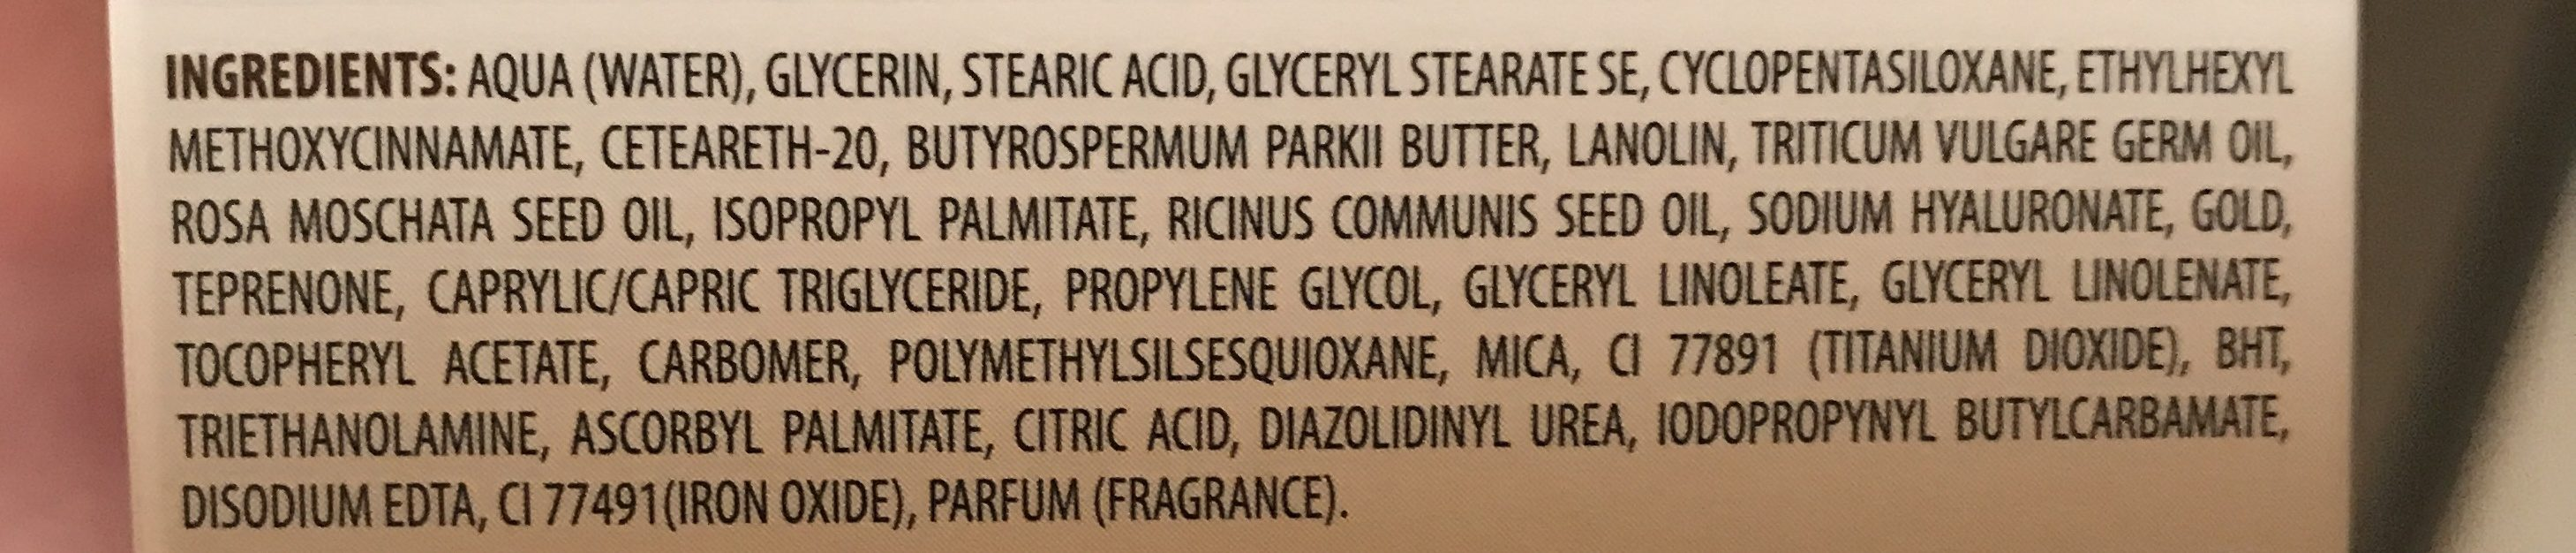 Cien Gold Cell Regenerating Night Cream 50ML - Ingrédients - fr